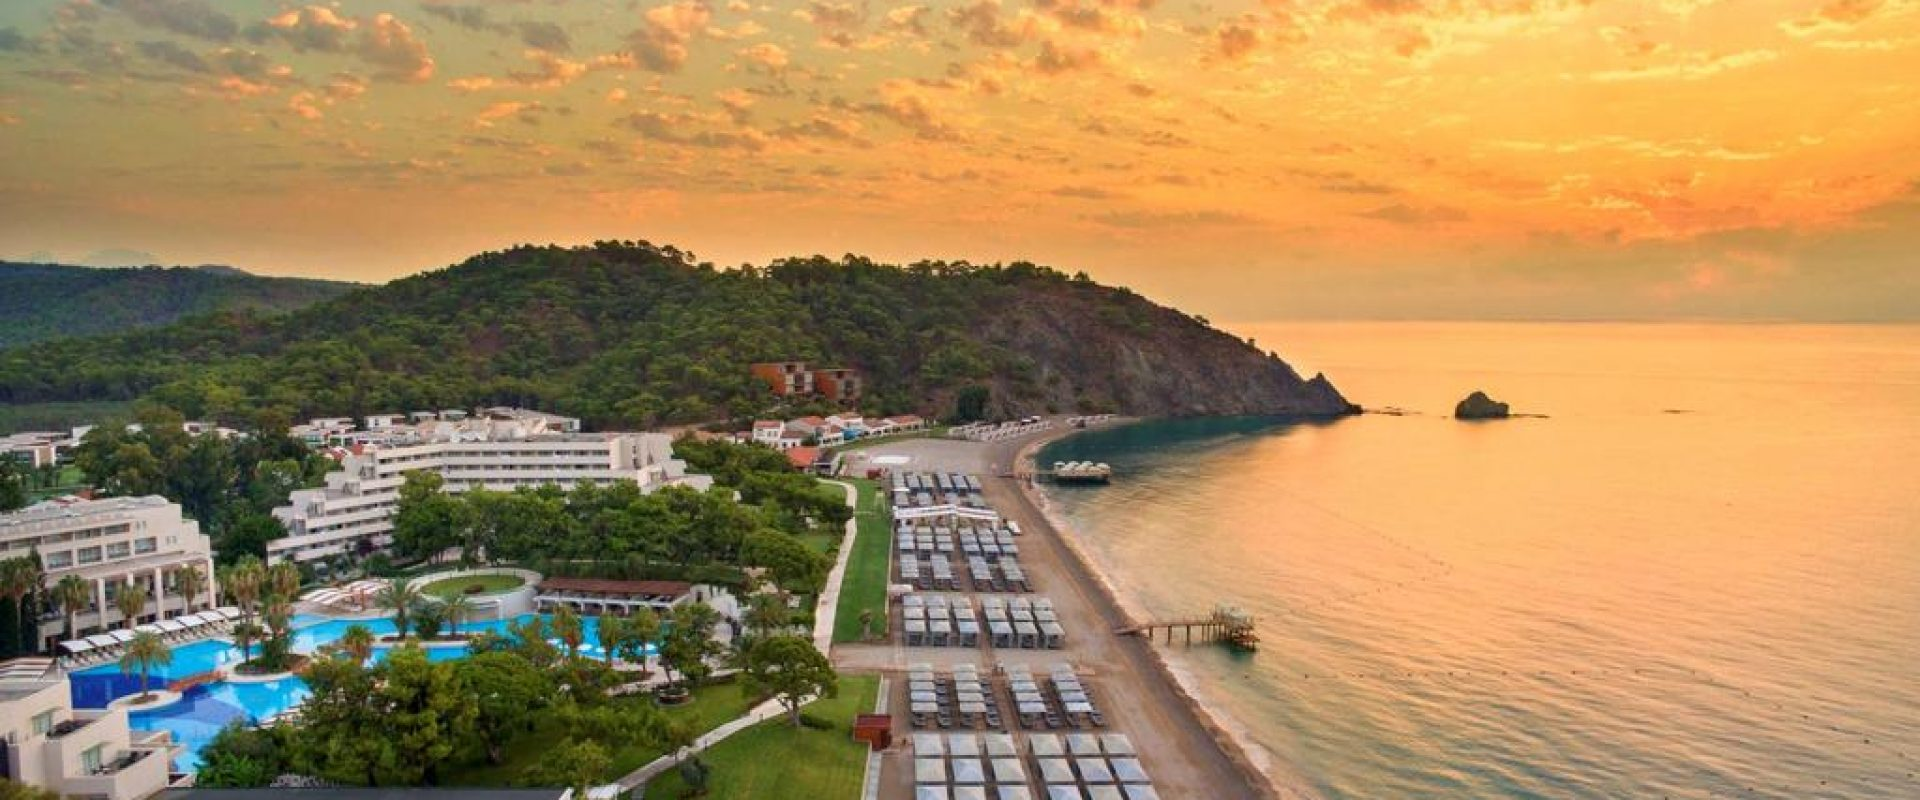 Turiștii moldoveni se odihnesc deja în Turcia. Detalii despre vacanța din Antalya.